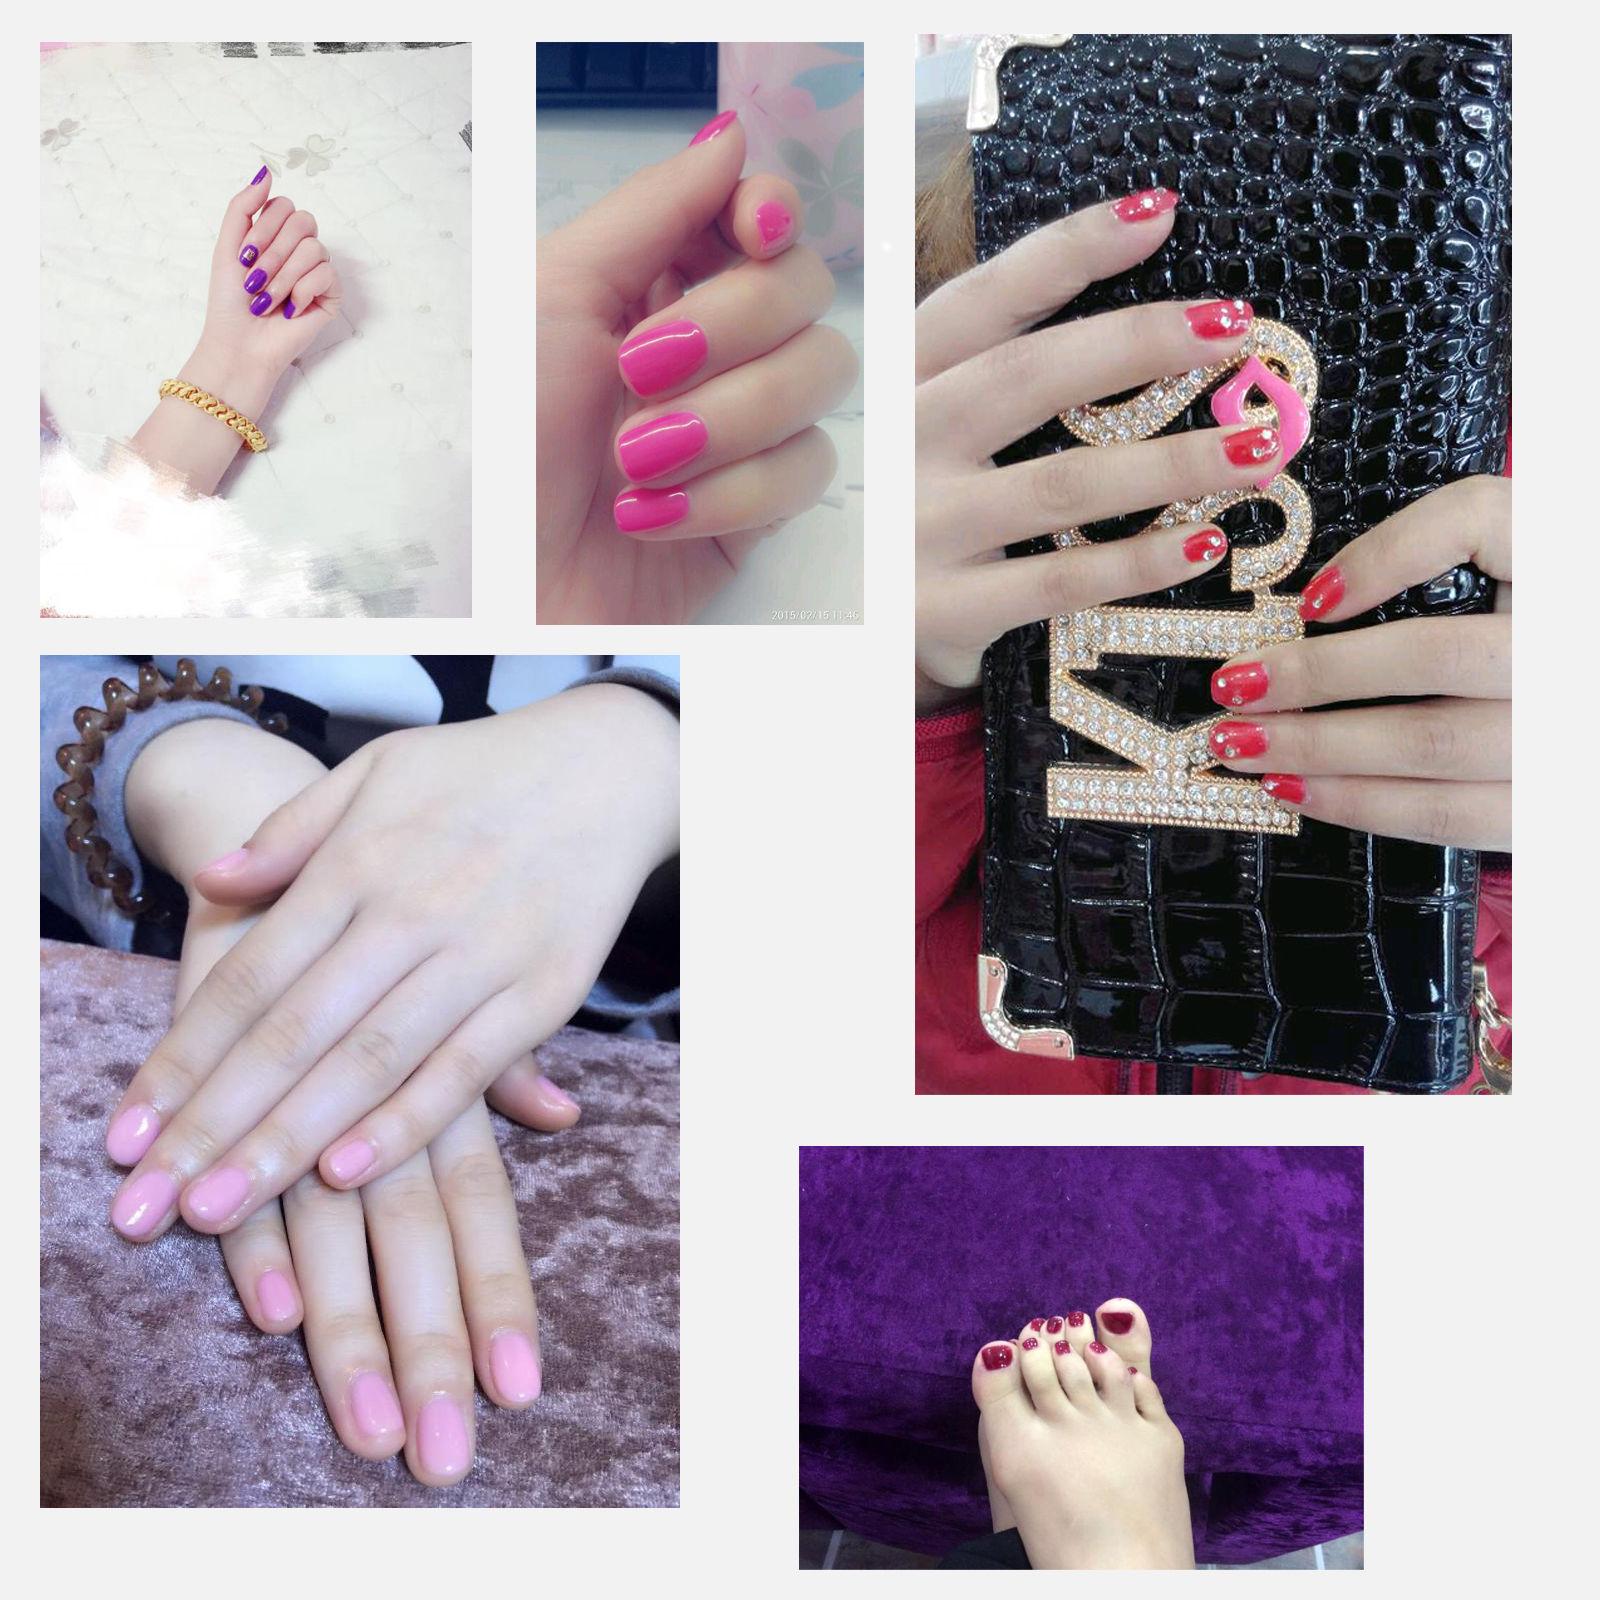 Msk/Ms. Keiko Гель-Лак Замочите от УФ-Светодиодной Гелевые Ногти Польский длительное Ногтей 15 мл 1058